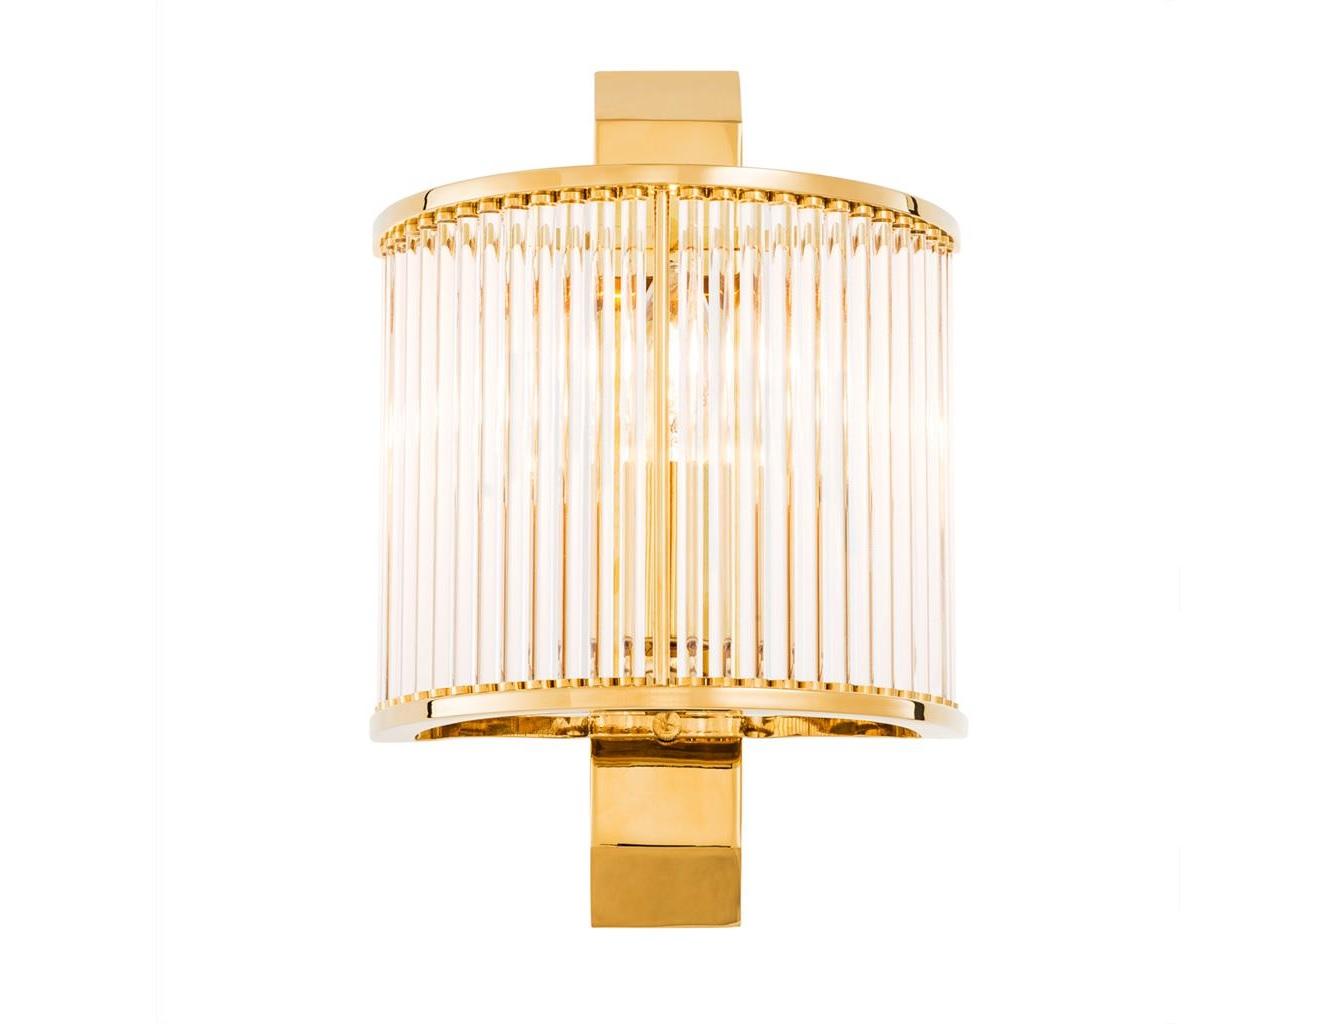 Настенный светильник OakleyБра<br>&amp;lt;div&amp;gt;Вид цоколя: E14&amp;lt;br&amp;gt;&amp;lt;/div&amp;gt;&amp;lt;div&amp;gt;&amp;lt;div&amp;gt;Мощность: 40W&amp;lt;/div&amp;gt;&amp;lt;div&amp;gt;Количество ламп: 1 (нет в комплекте)&amp;lt;/div&amp;gt;&amp;lt;/div&amp;gt;<br><br>Material: Металл<br>Ширина см: 20<br>Высота см: 30.0<br>Глубина см: 12.0